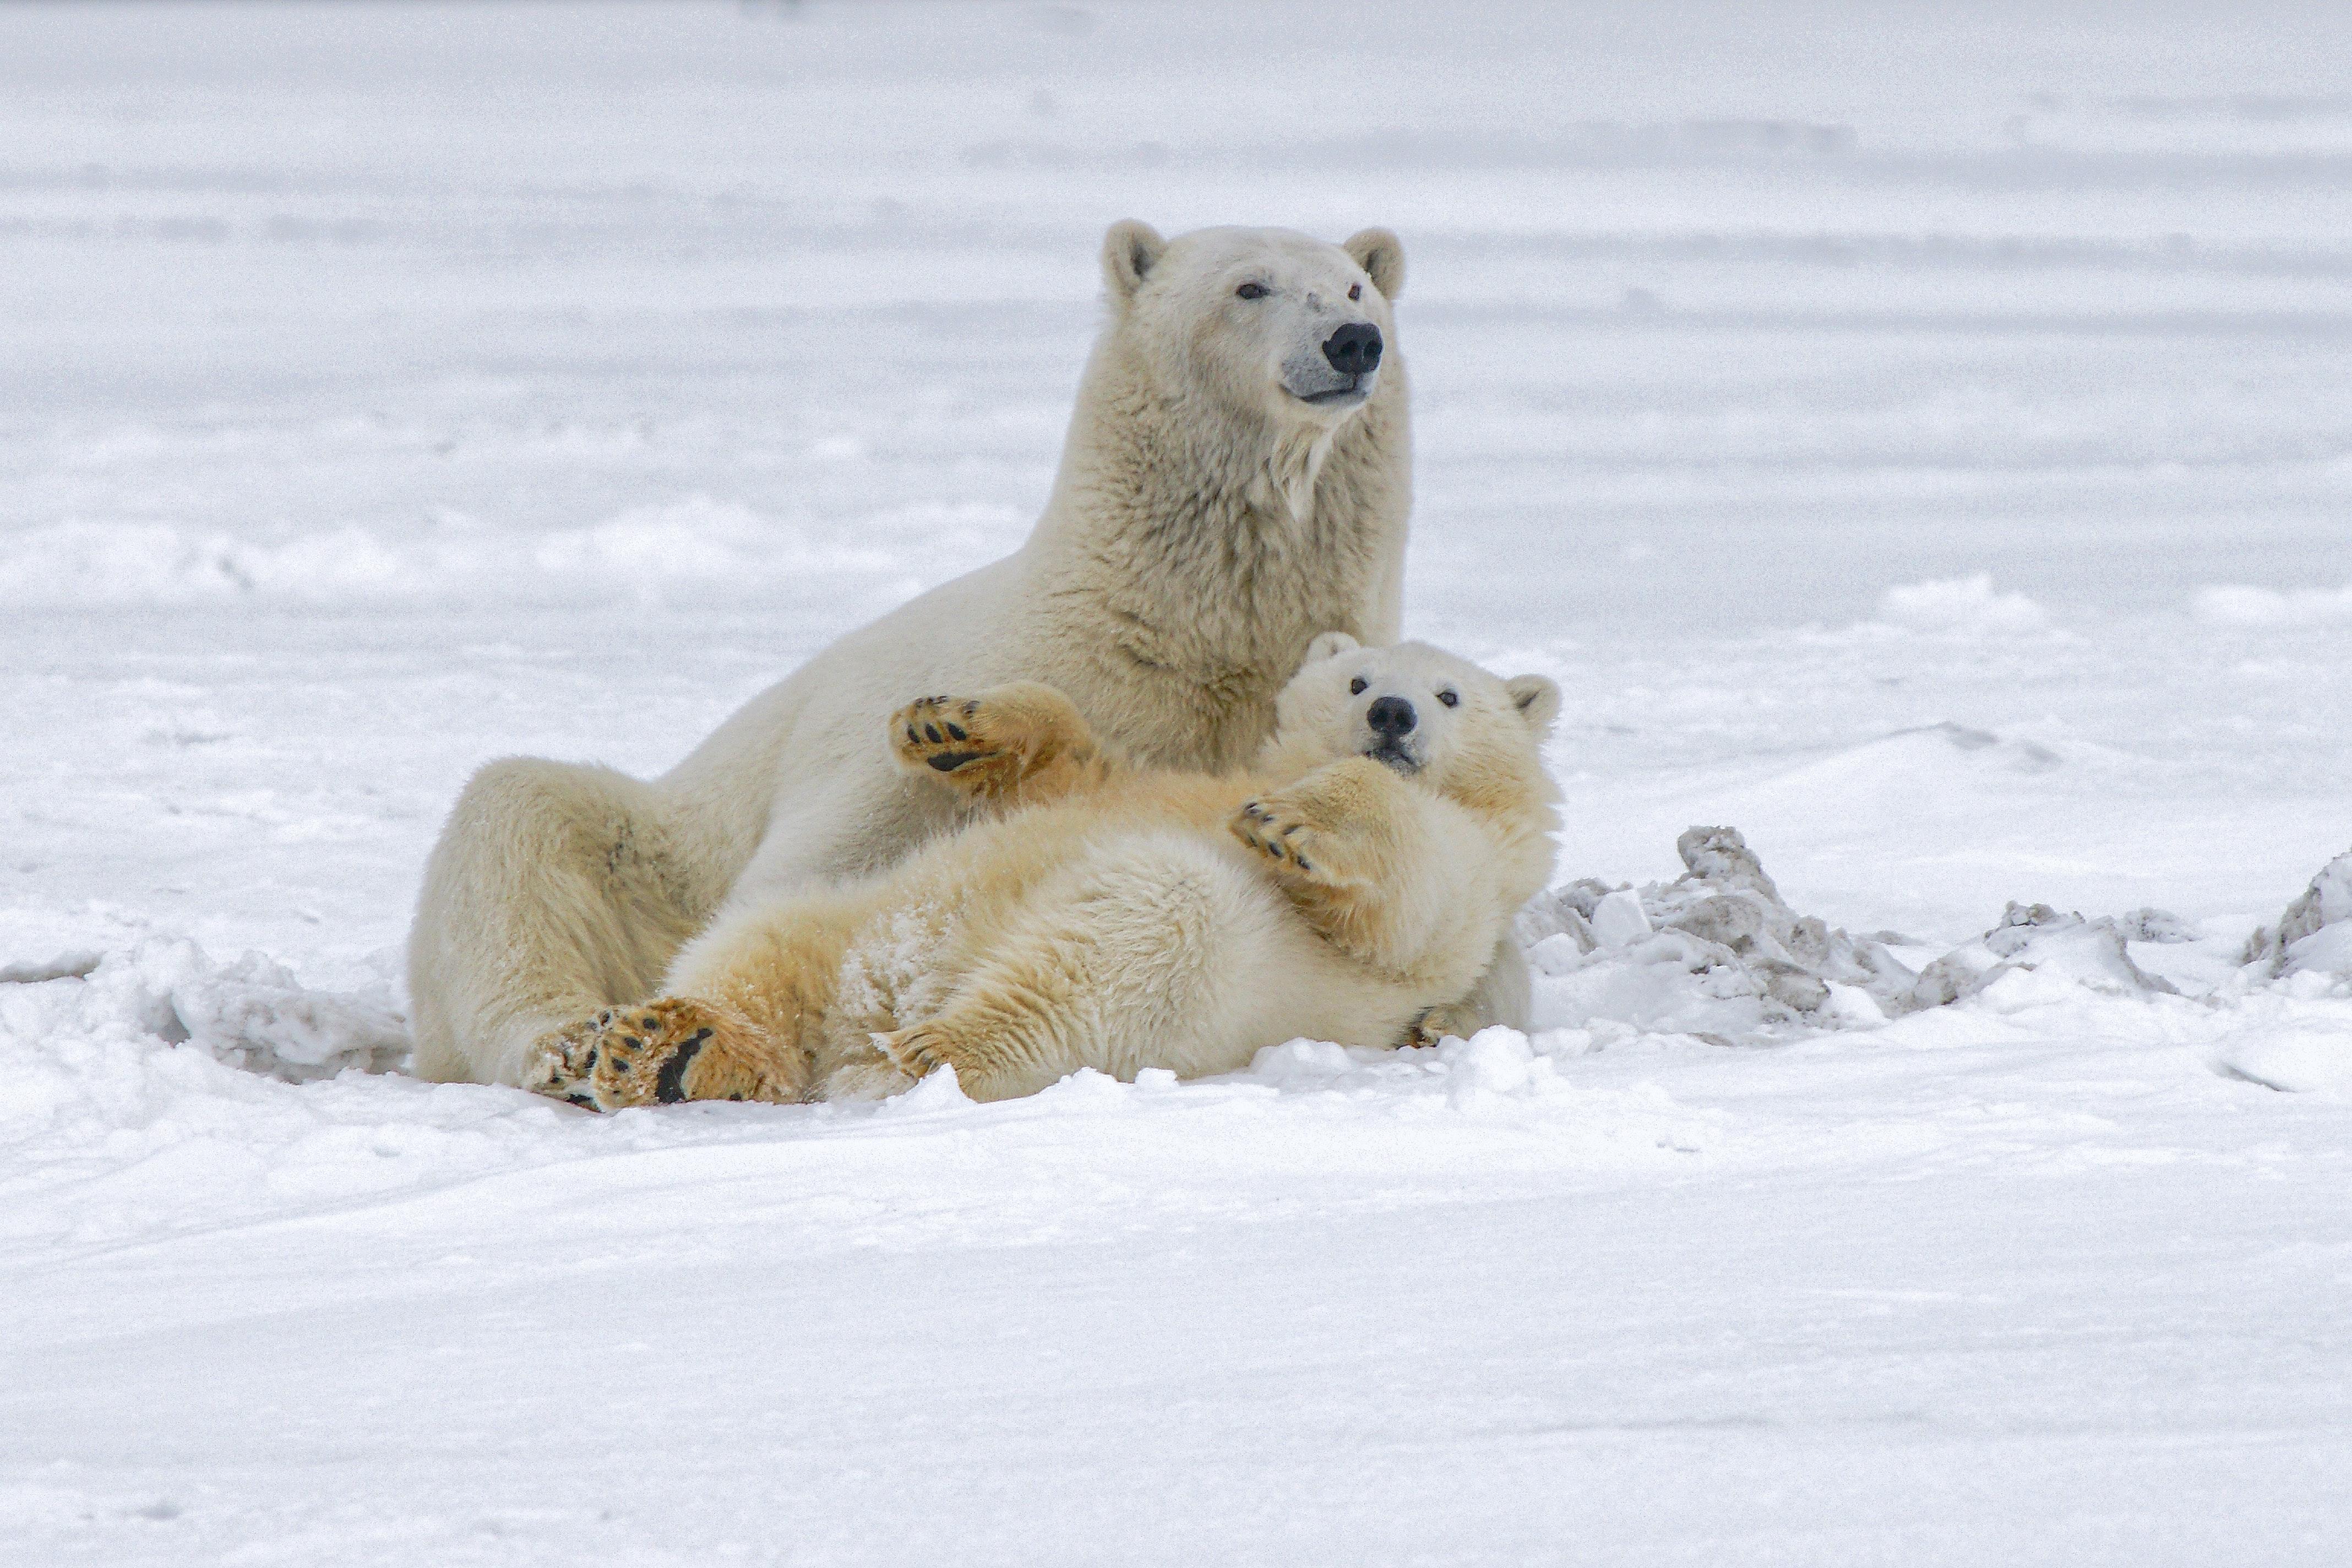 72574 Заставки и Обои Медведи на телефон. Скачать Медведи, Животные, Снег, Белый, Полярные Медведи картинки бесплатно